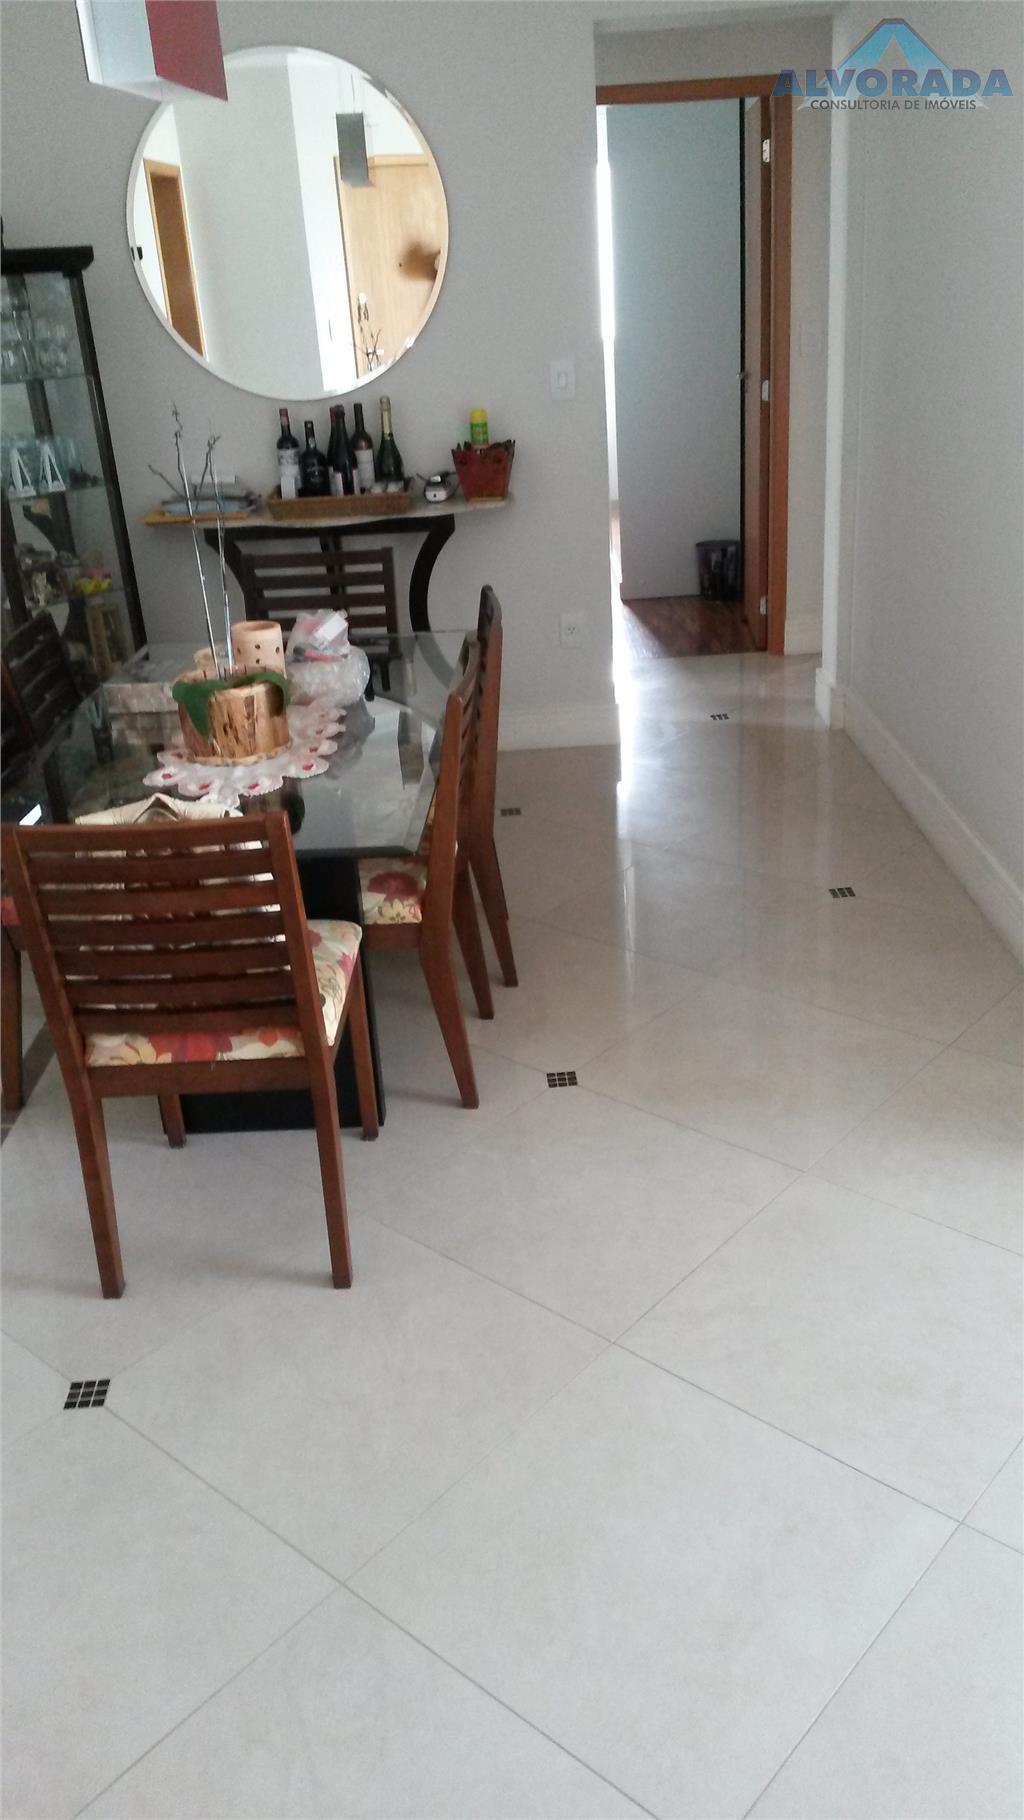 Apartamento residencial à venda, Jardim Esplanada II, São José dos Campos - AP5511.